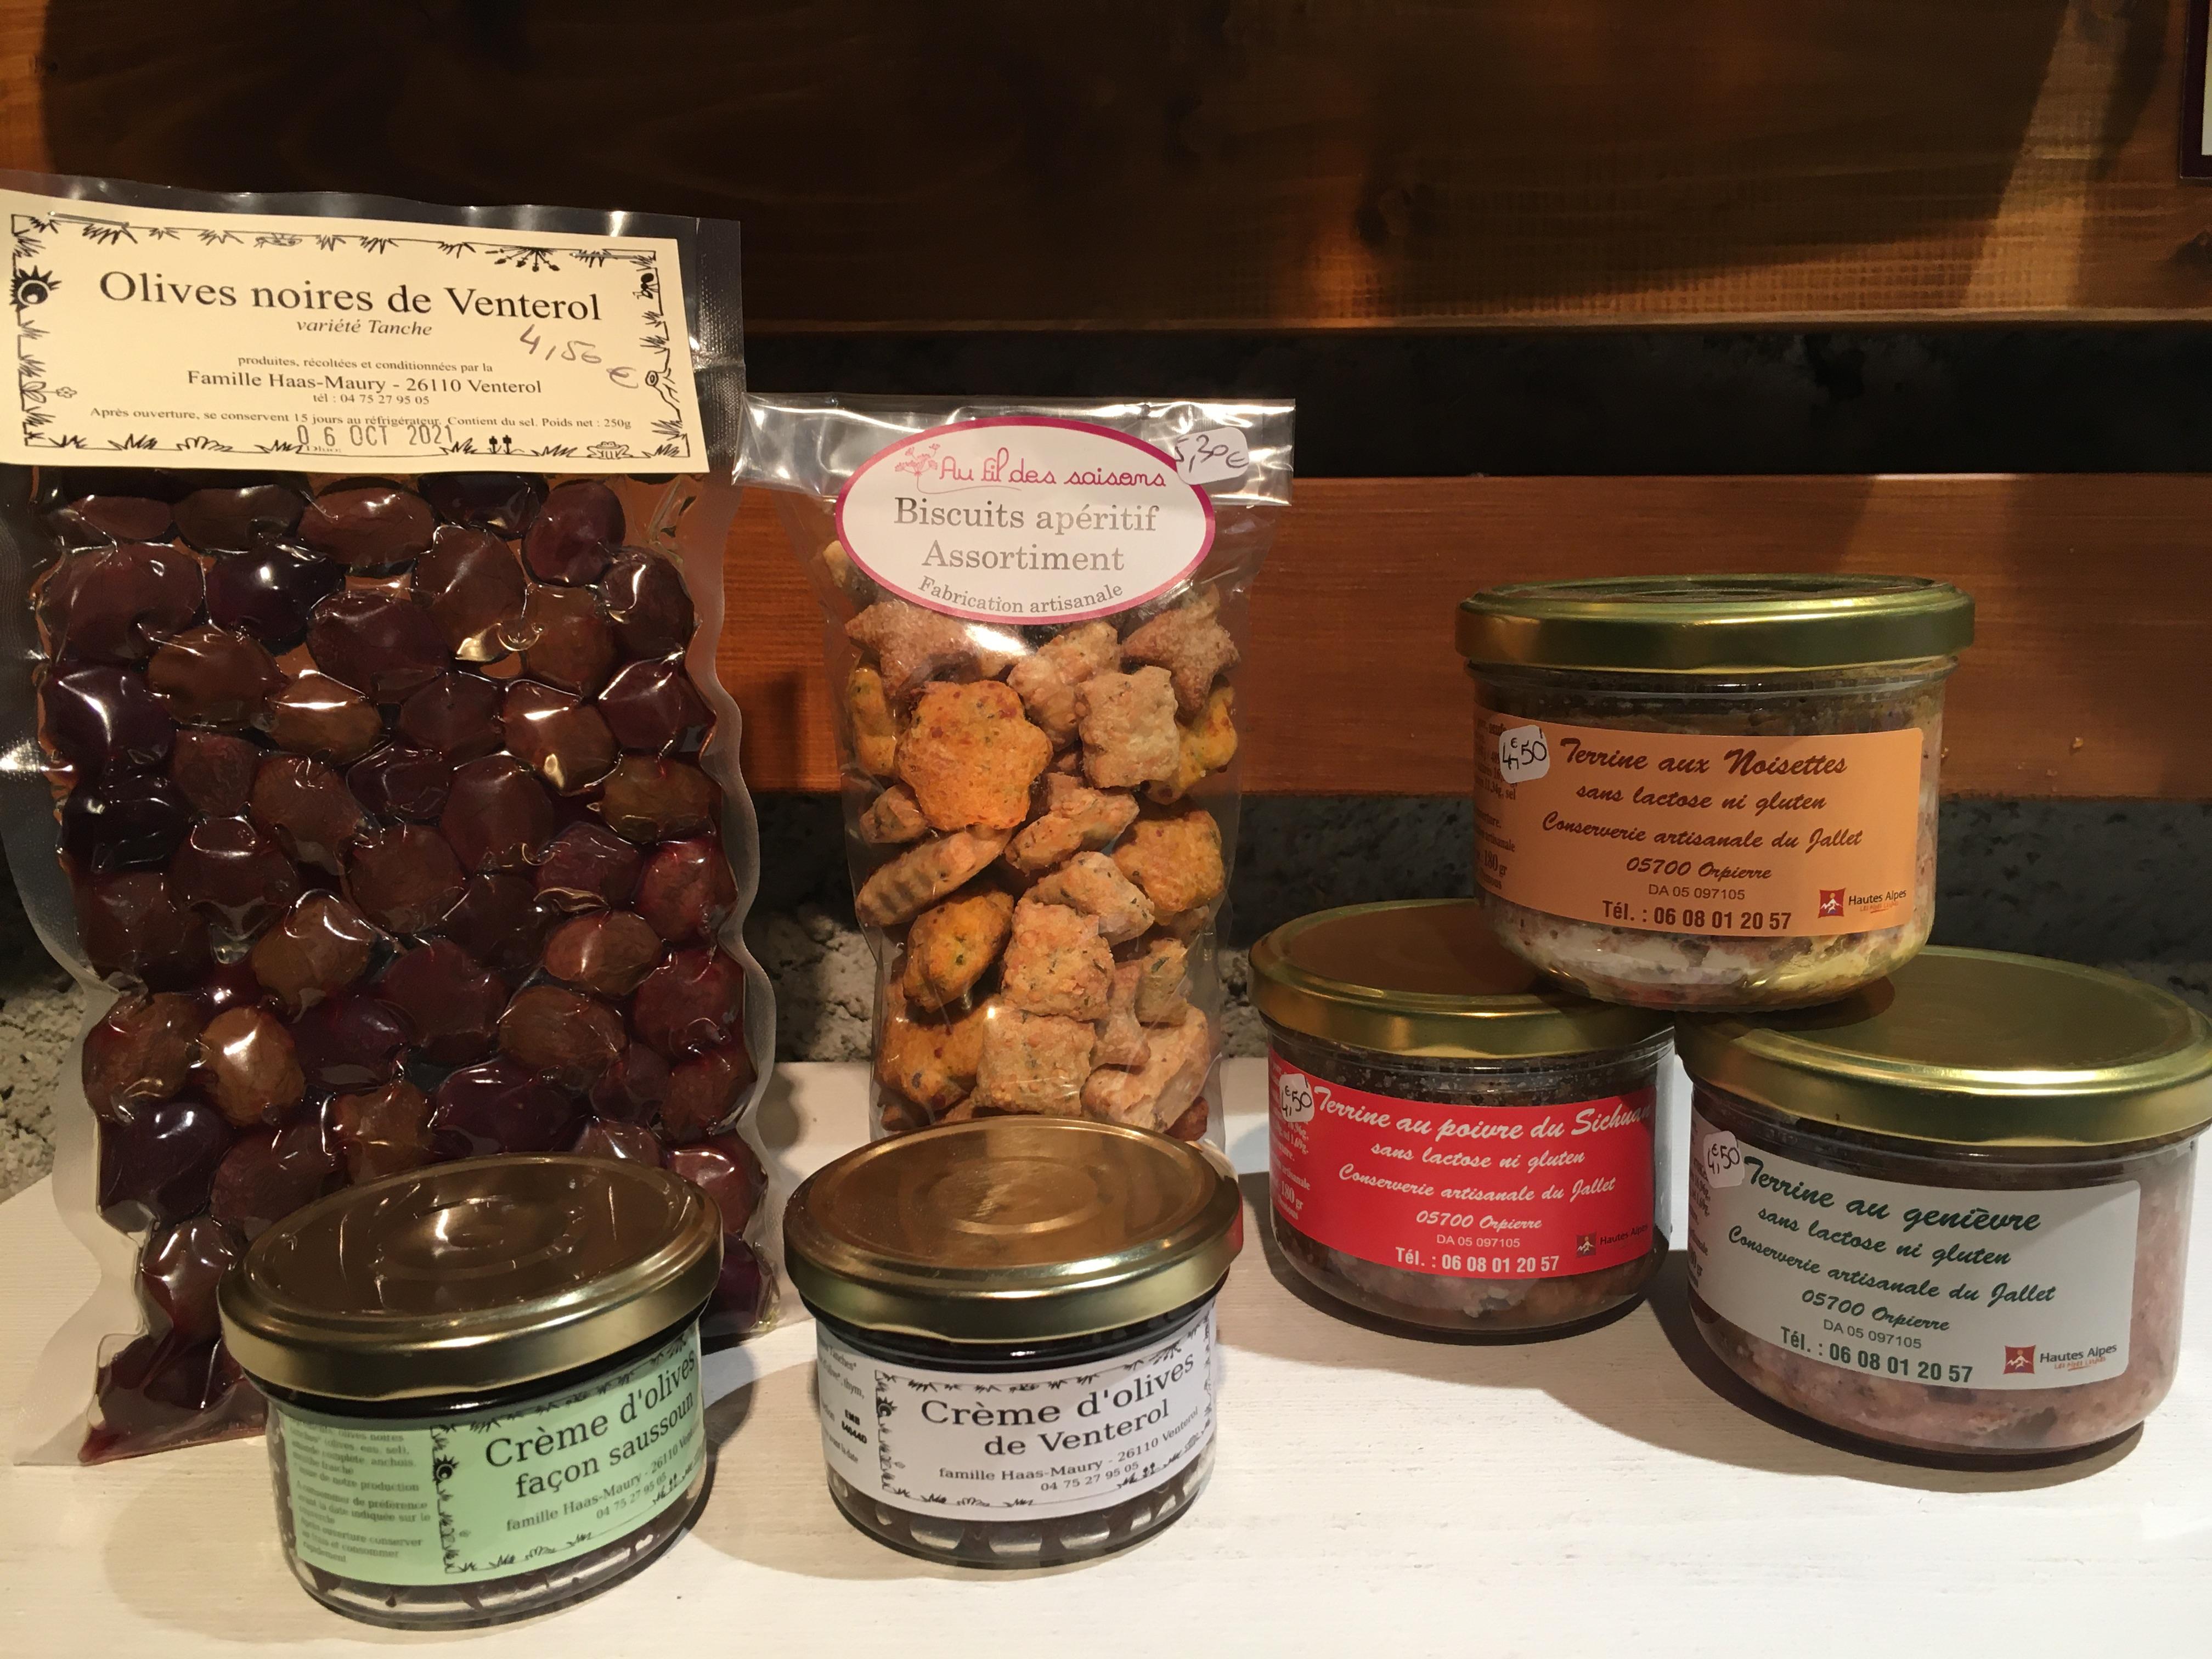 Olives tanche 4,50€/250g - tapenade nature ou saussoum 3,90€/90g - Terrine genièvre, poivre sichuan ou noisette 4,50€/180g - biscuits apéro 5,30€/ 150g-